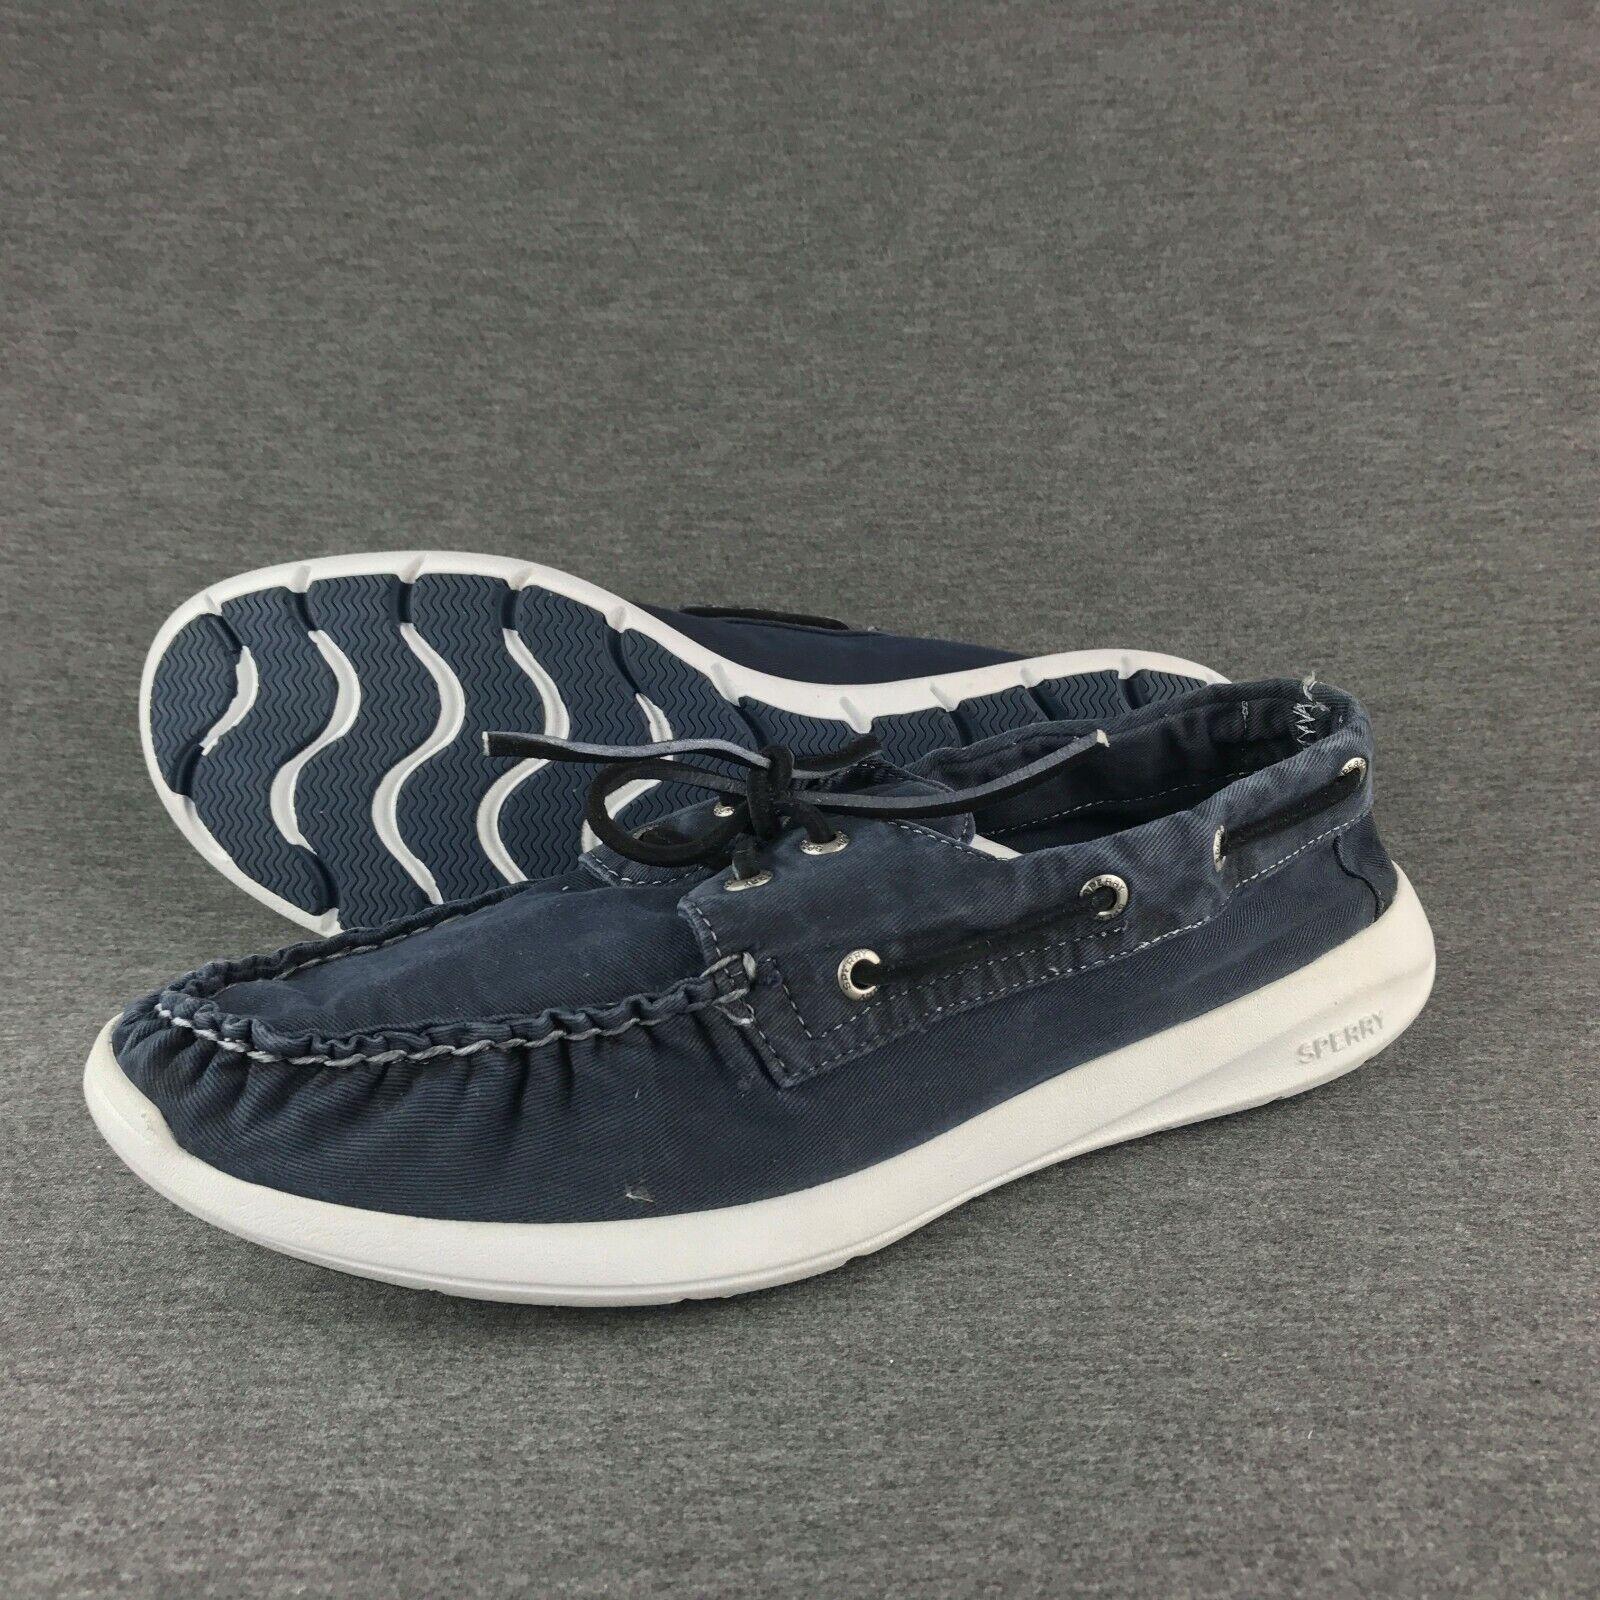 nuevo  para hombres Paul Sperry Top Sider 2-Eye Zapatos Náuticos Algodón Azul-Tamaño 11